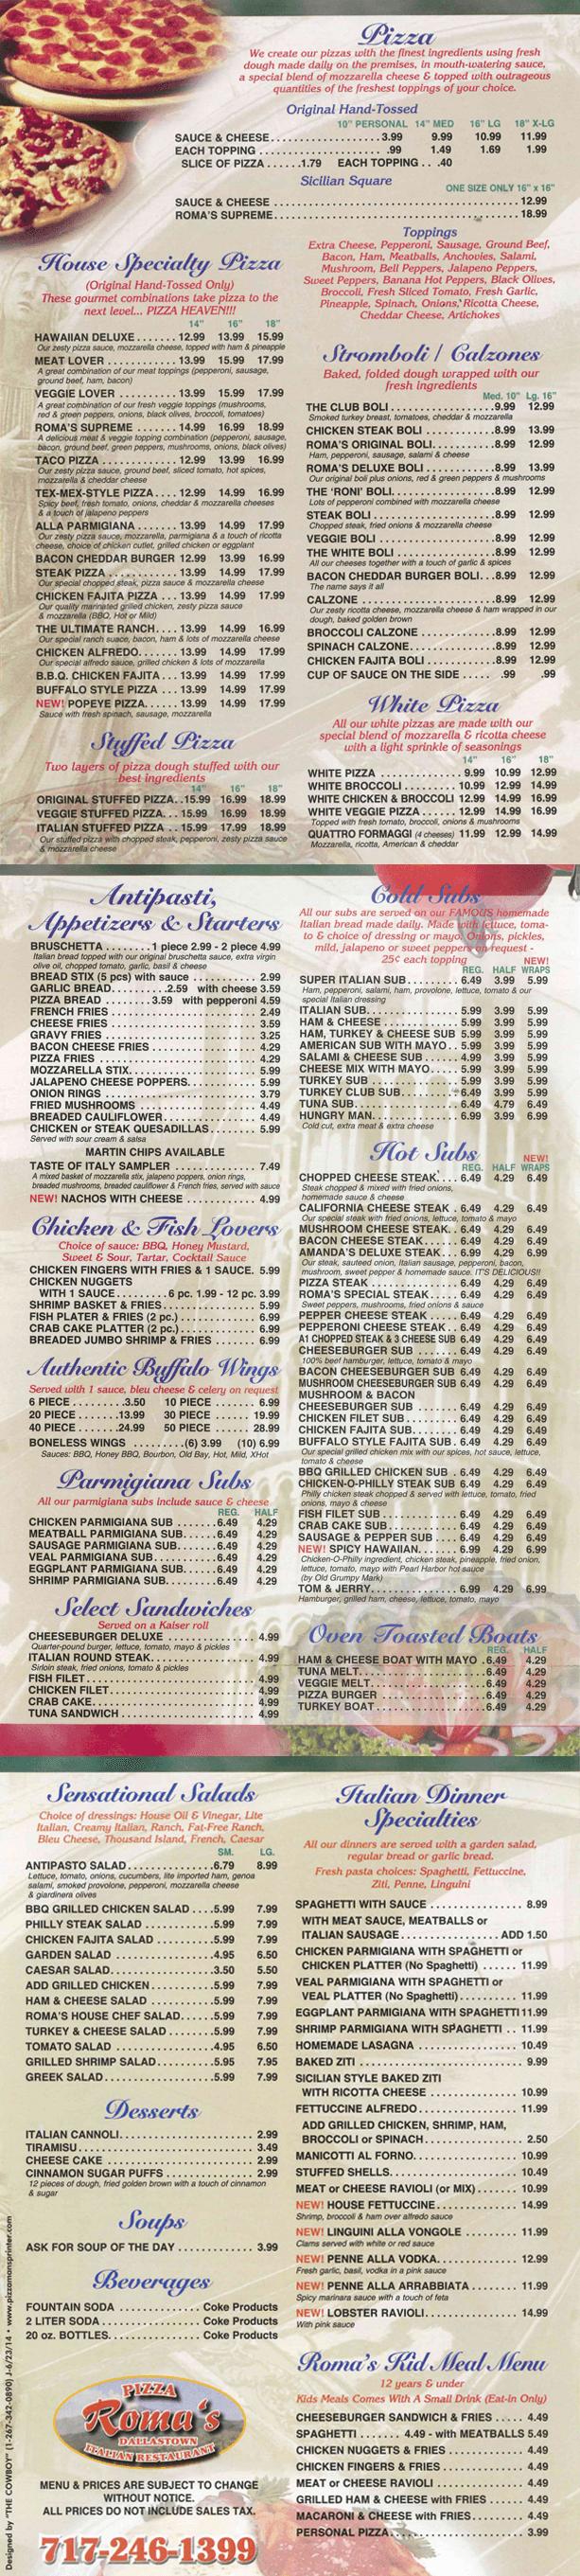 Roma's Pizza & Restaurant  - Menu  - Dallastown, PA